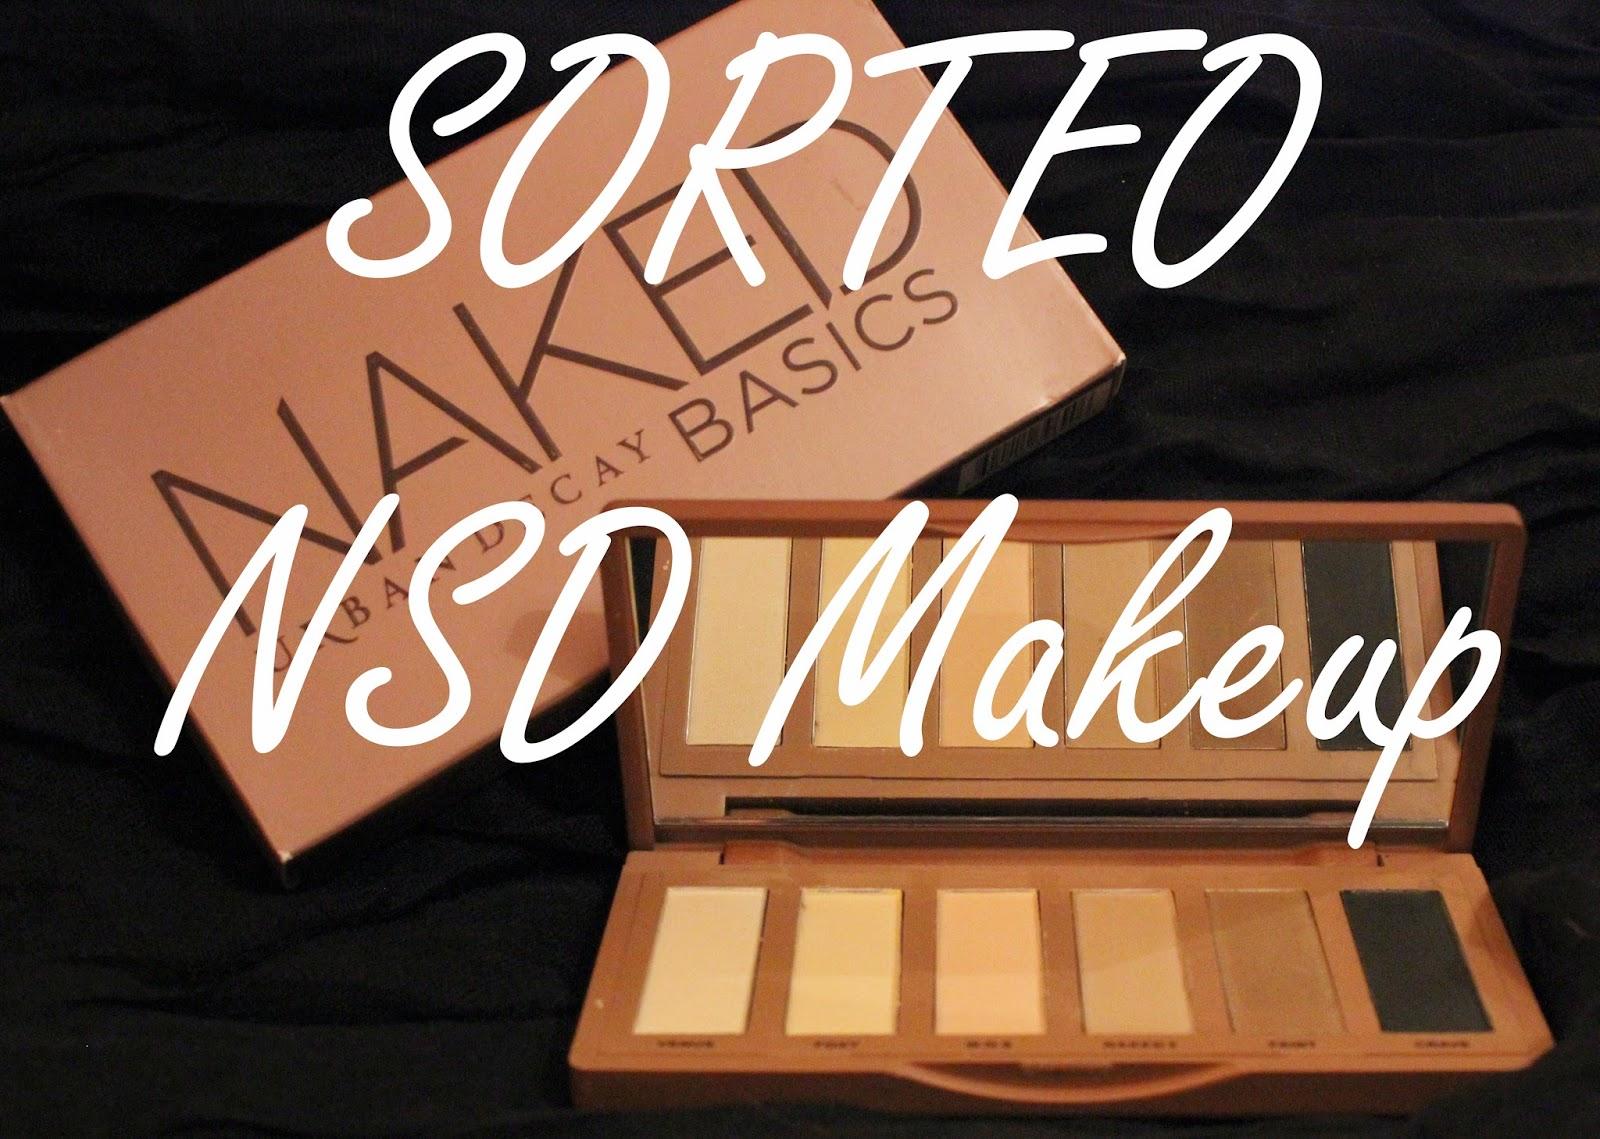 ¡Sorteo en NSD Makeup!